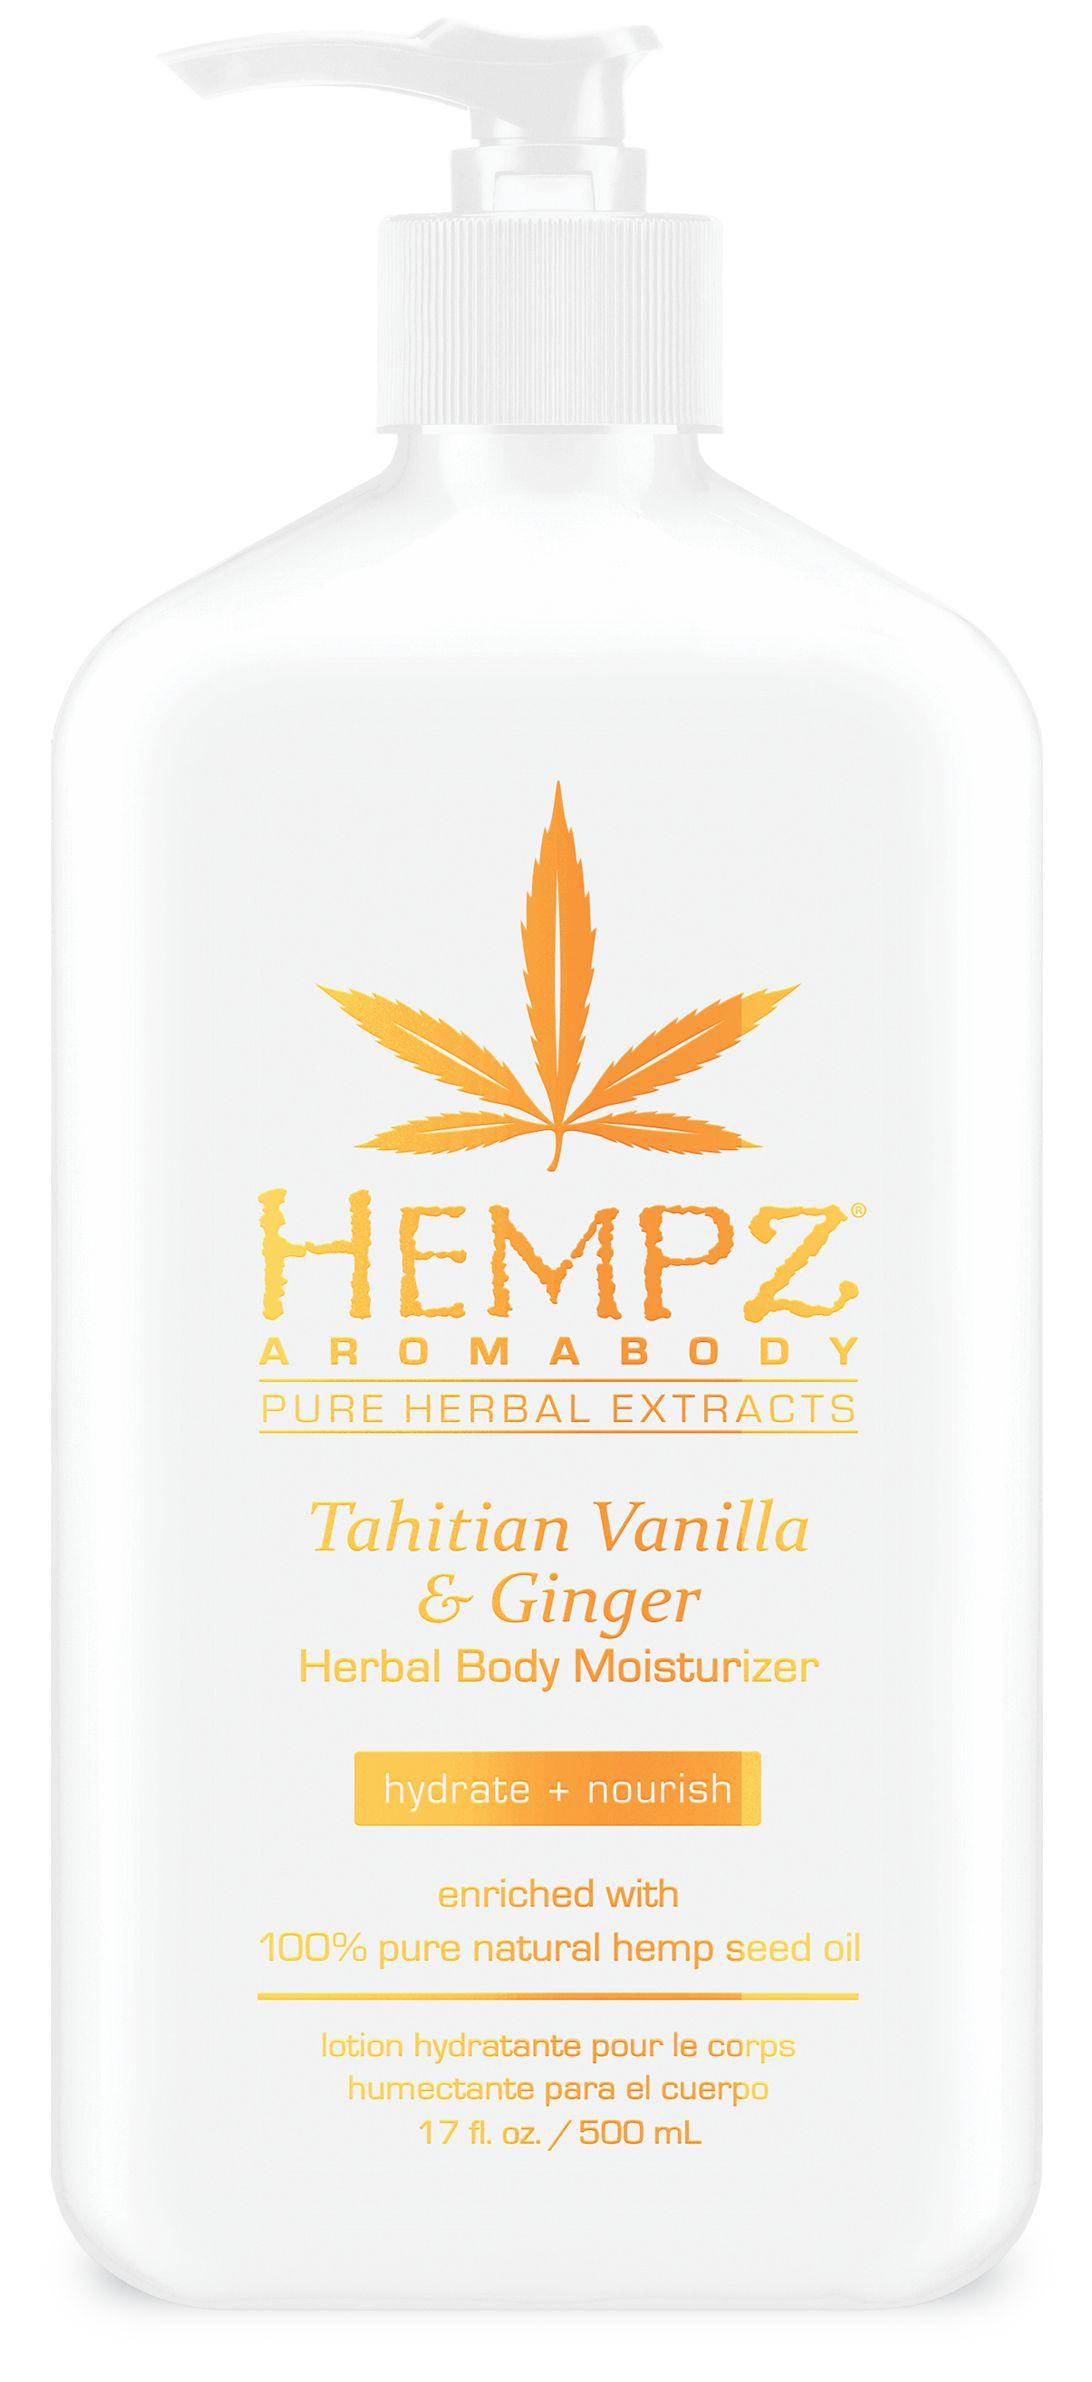 Hempz® Aromabody Tahitian Vanilla & Ginger Herbal Body Moisturizer